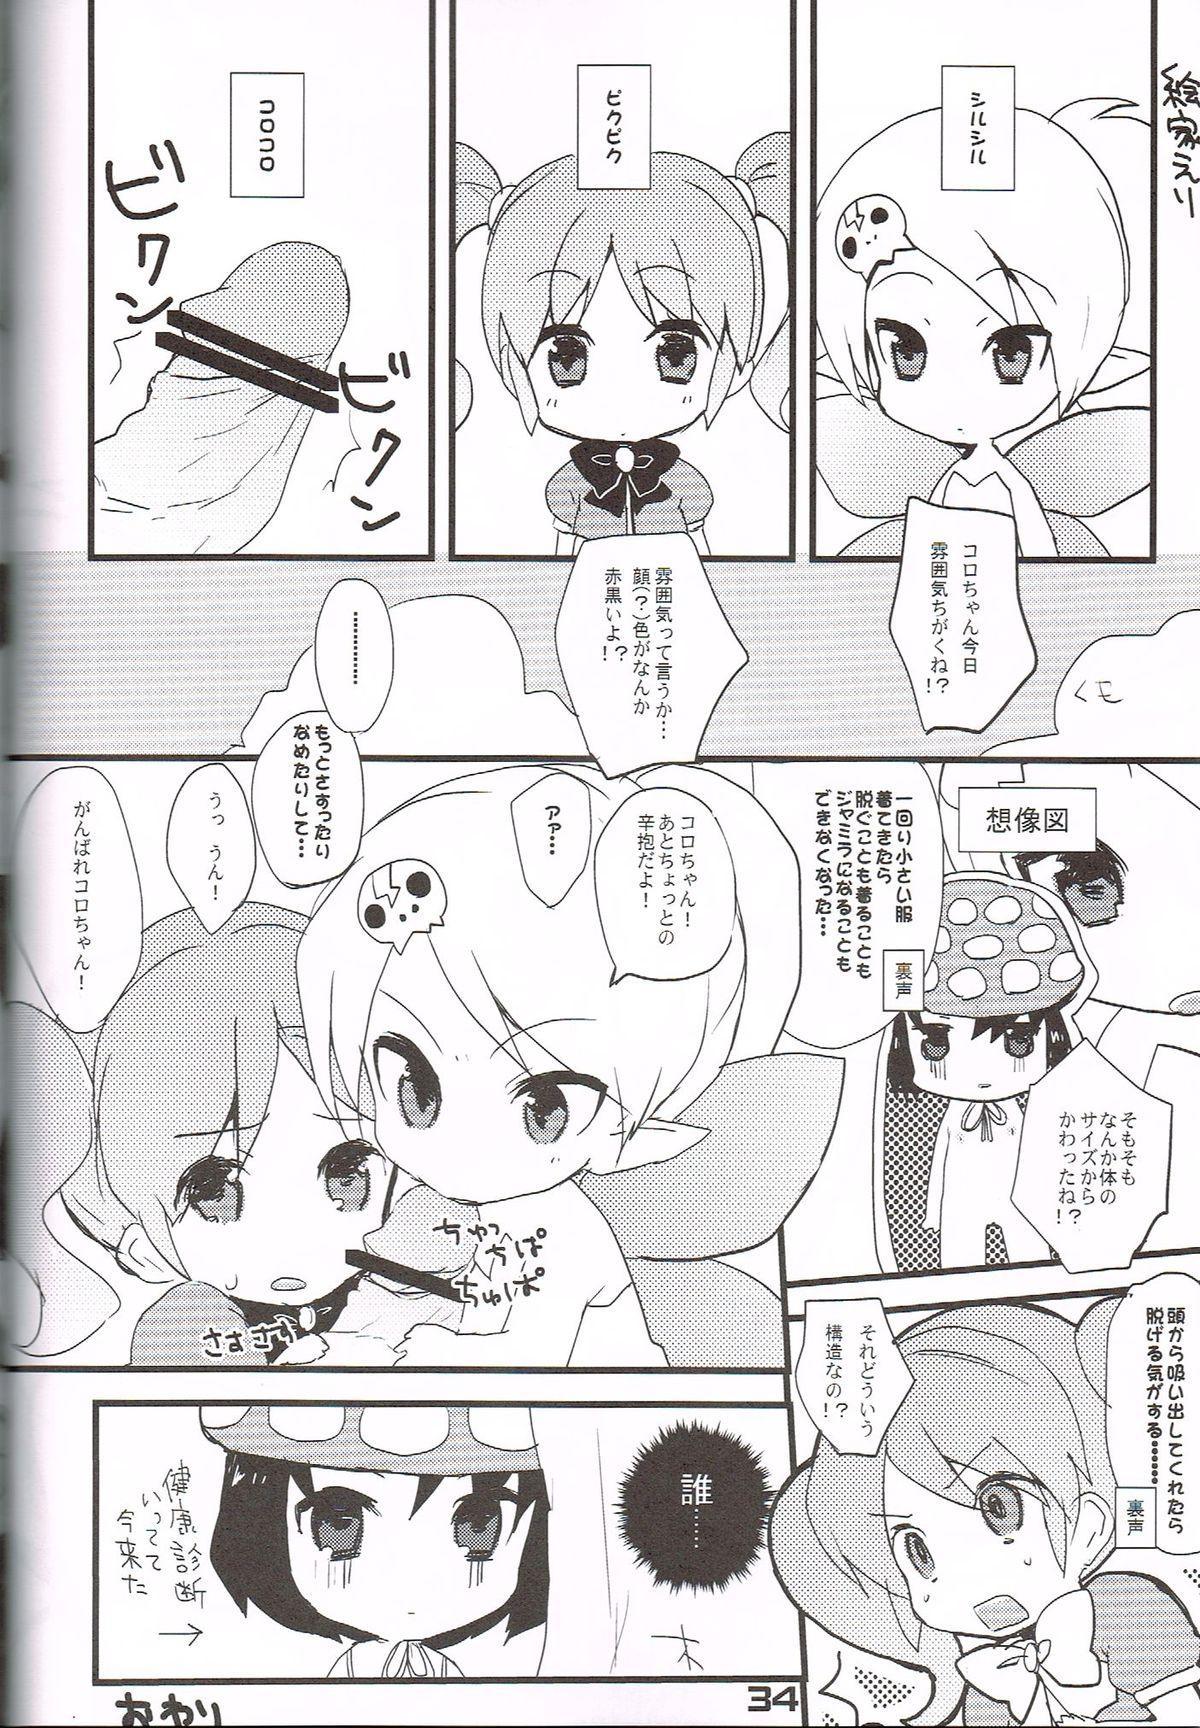 """Hatashite Konofuyu Nansatsu no Doujinshi ga """"○○ Fairies"""" Toiu Title Darouka 32"""